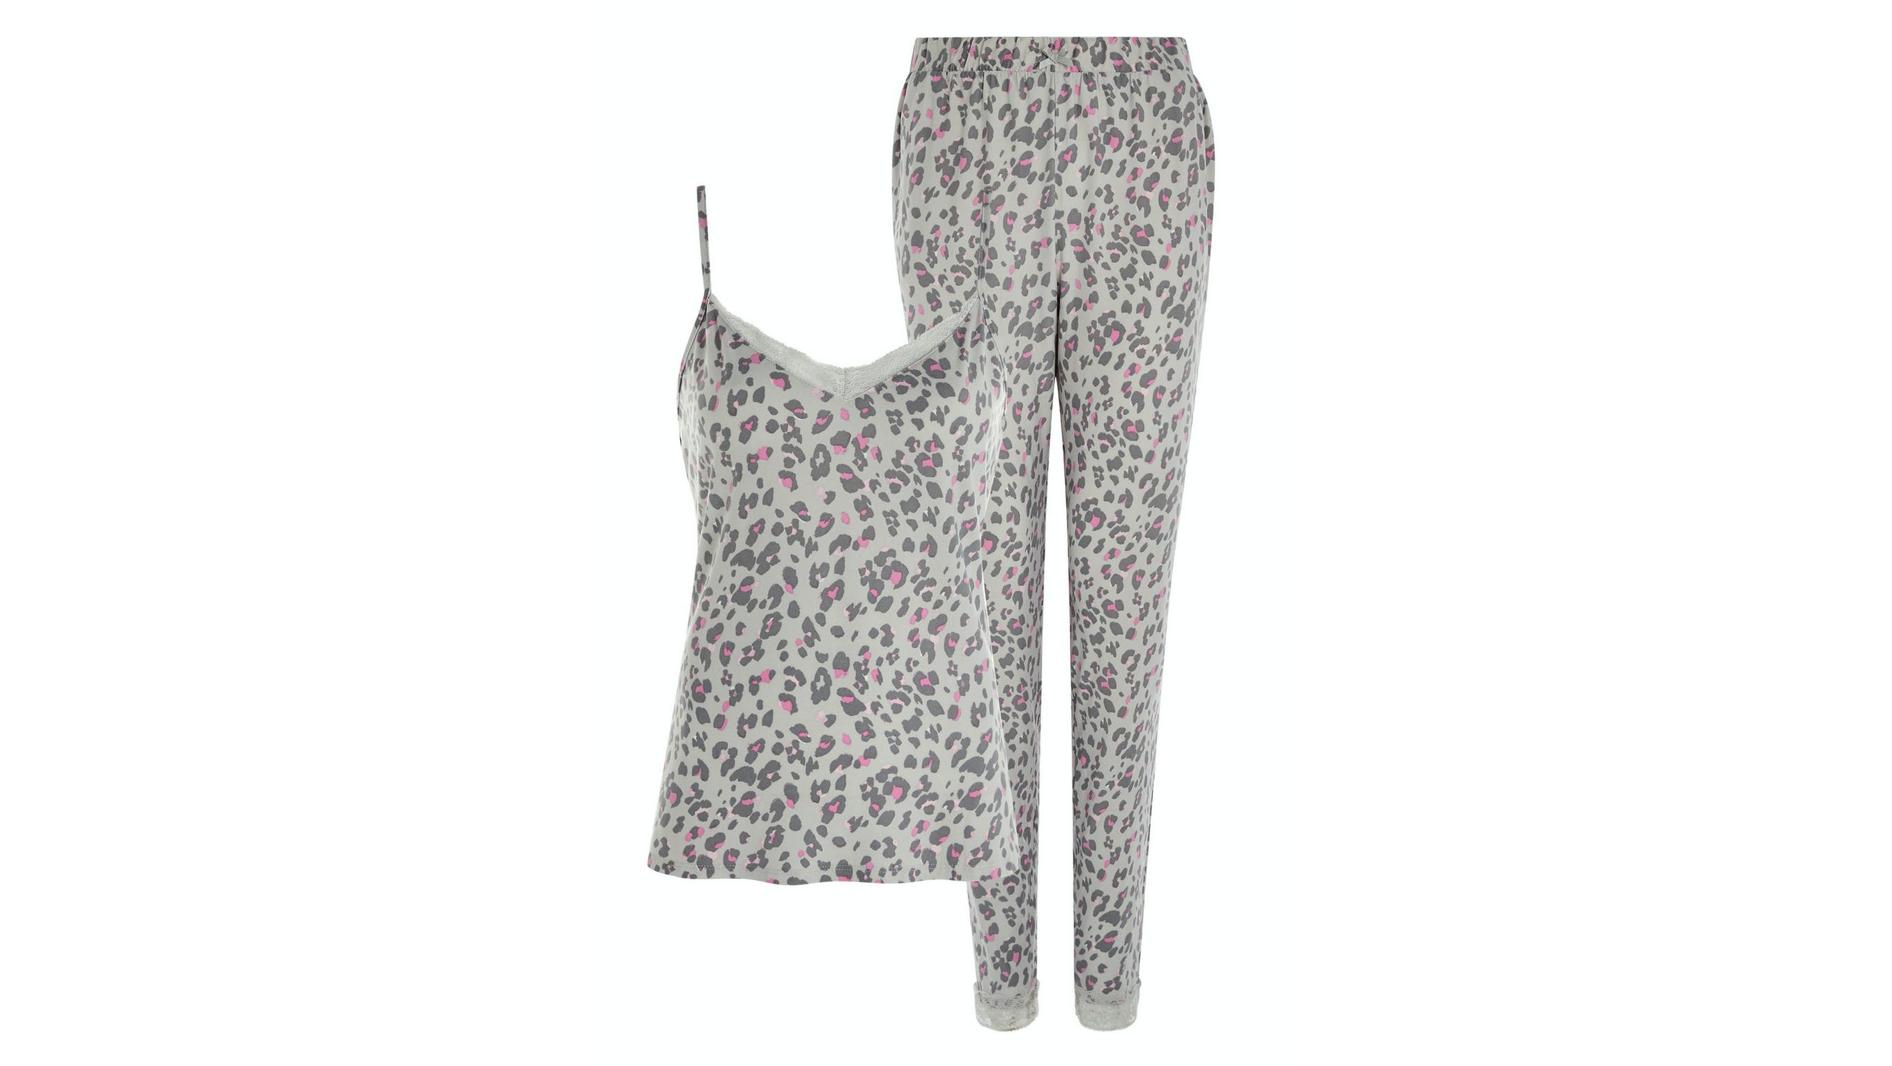 Pijama Primark